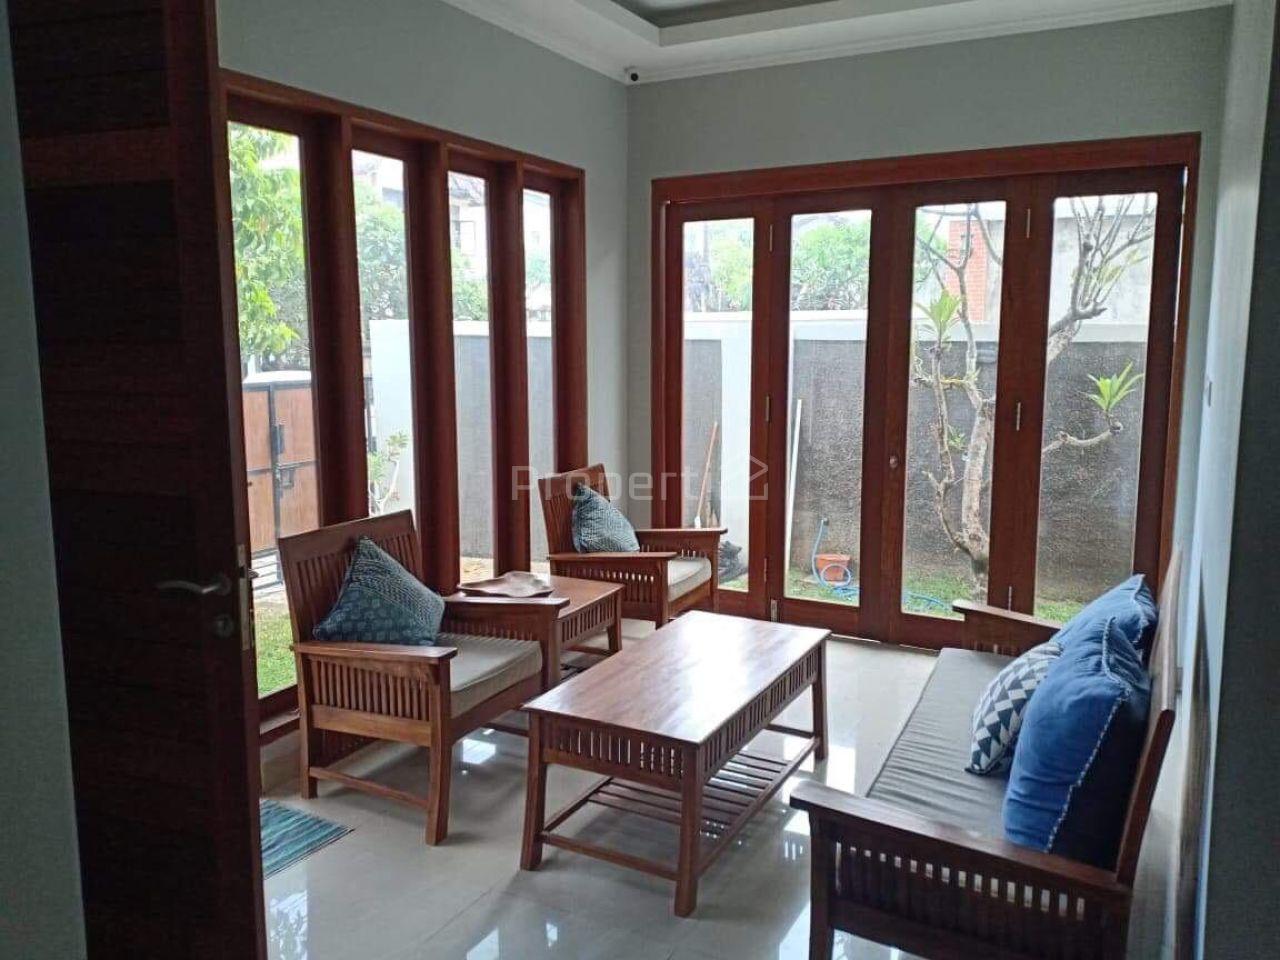 Rumah Minimalis 2 Lantai di Area Utama Hayam Wuruk, Denpasar, Kota Denpasar